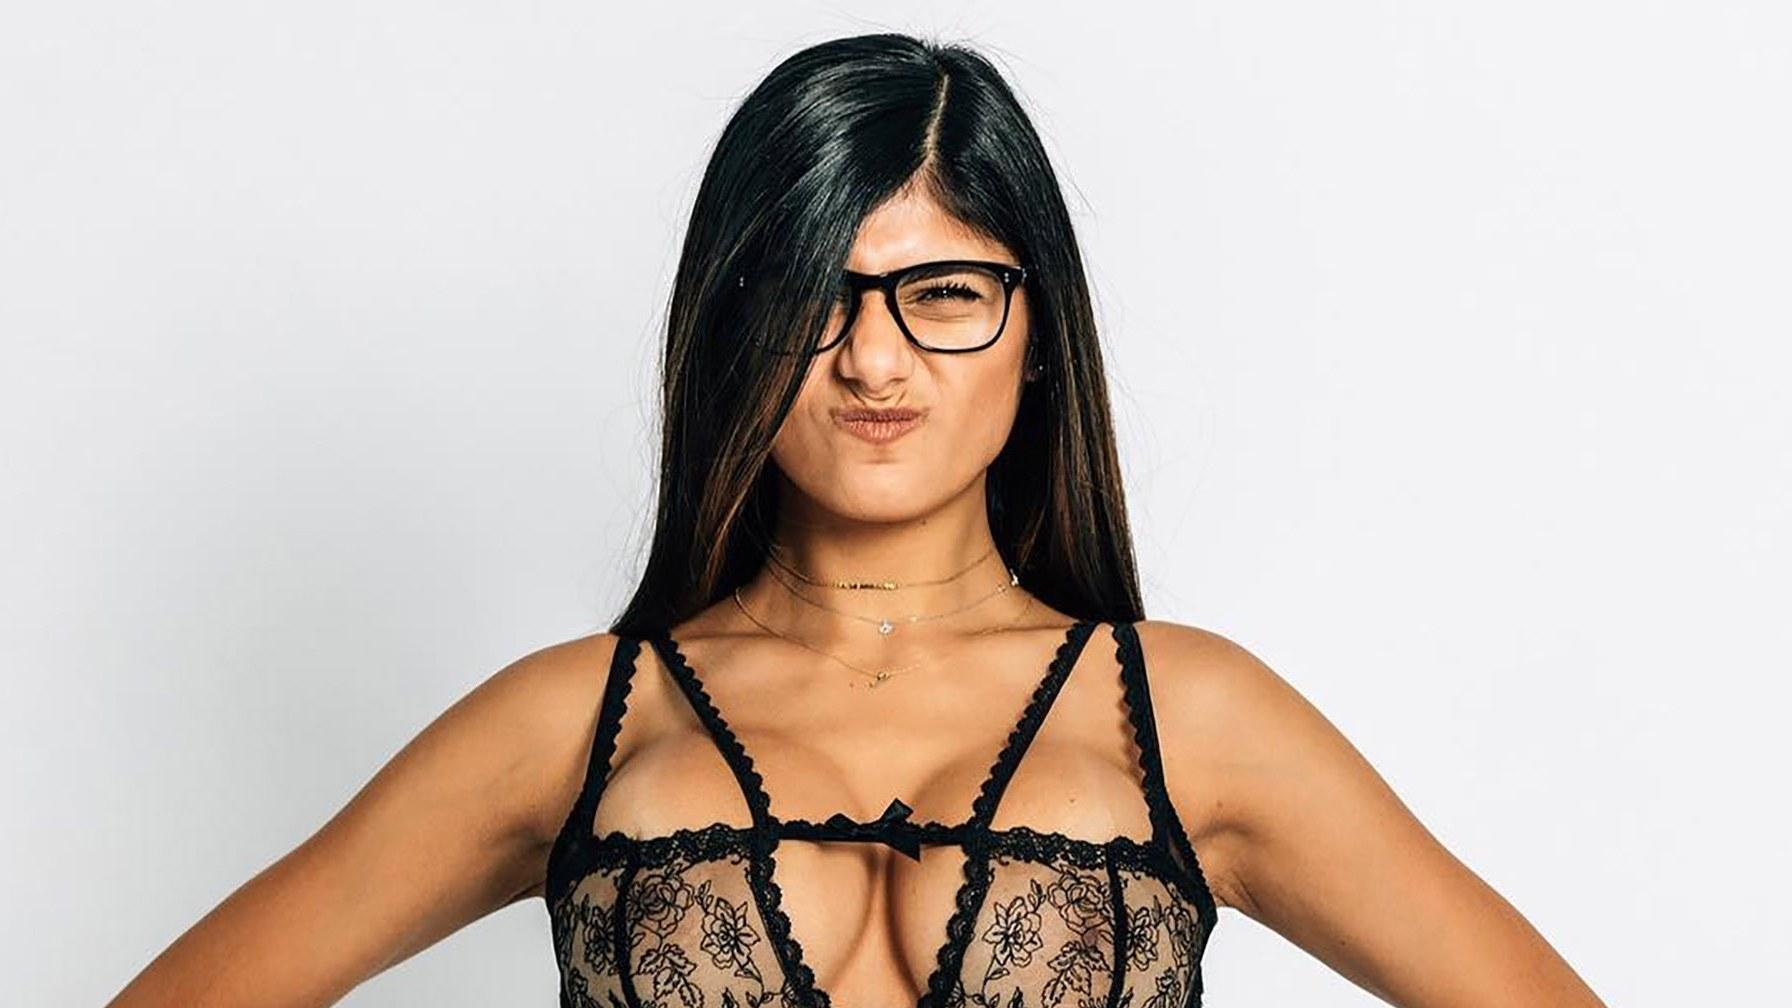 Actriz Porno Que Se Volvio A Operar descubierta! no creerás lo que hizo la sexy mia khalifa en